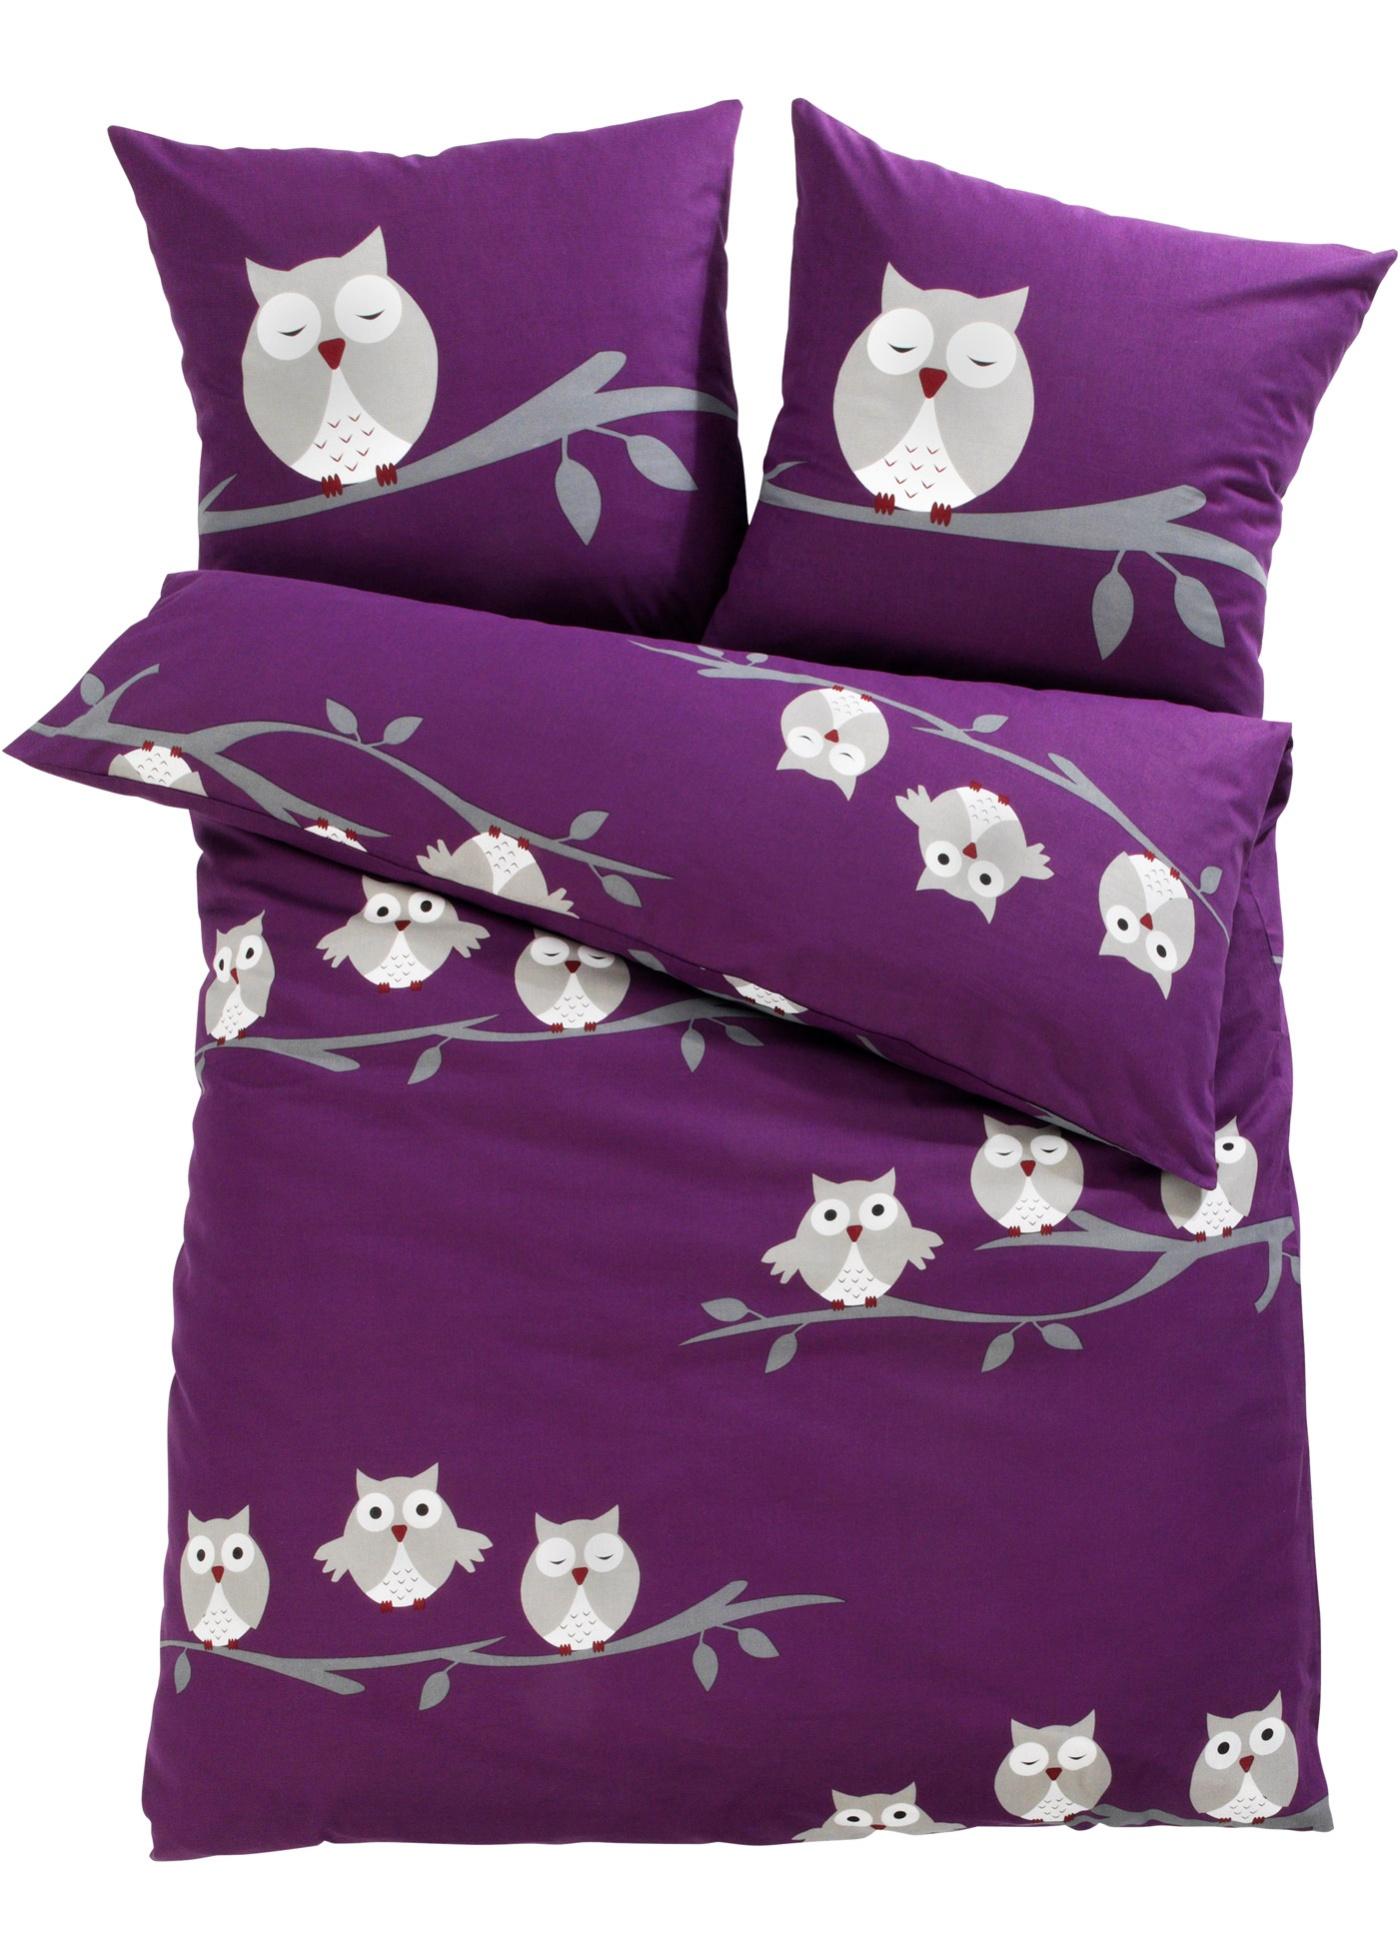 bierbaum eulen bettw sche biber bettw sche weihnachten 135x200 pictures to pin on pinterest. Black Bedroom Furniture Sets. Home Design Ideas